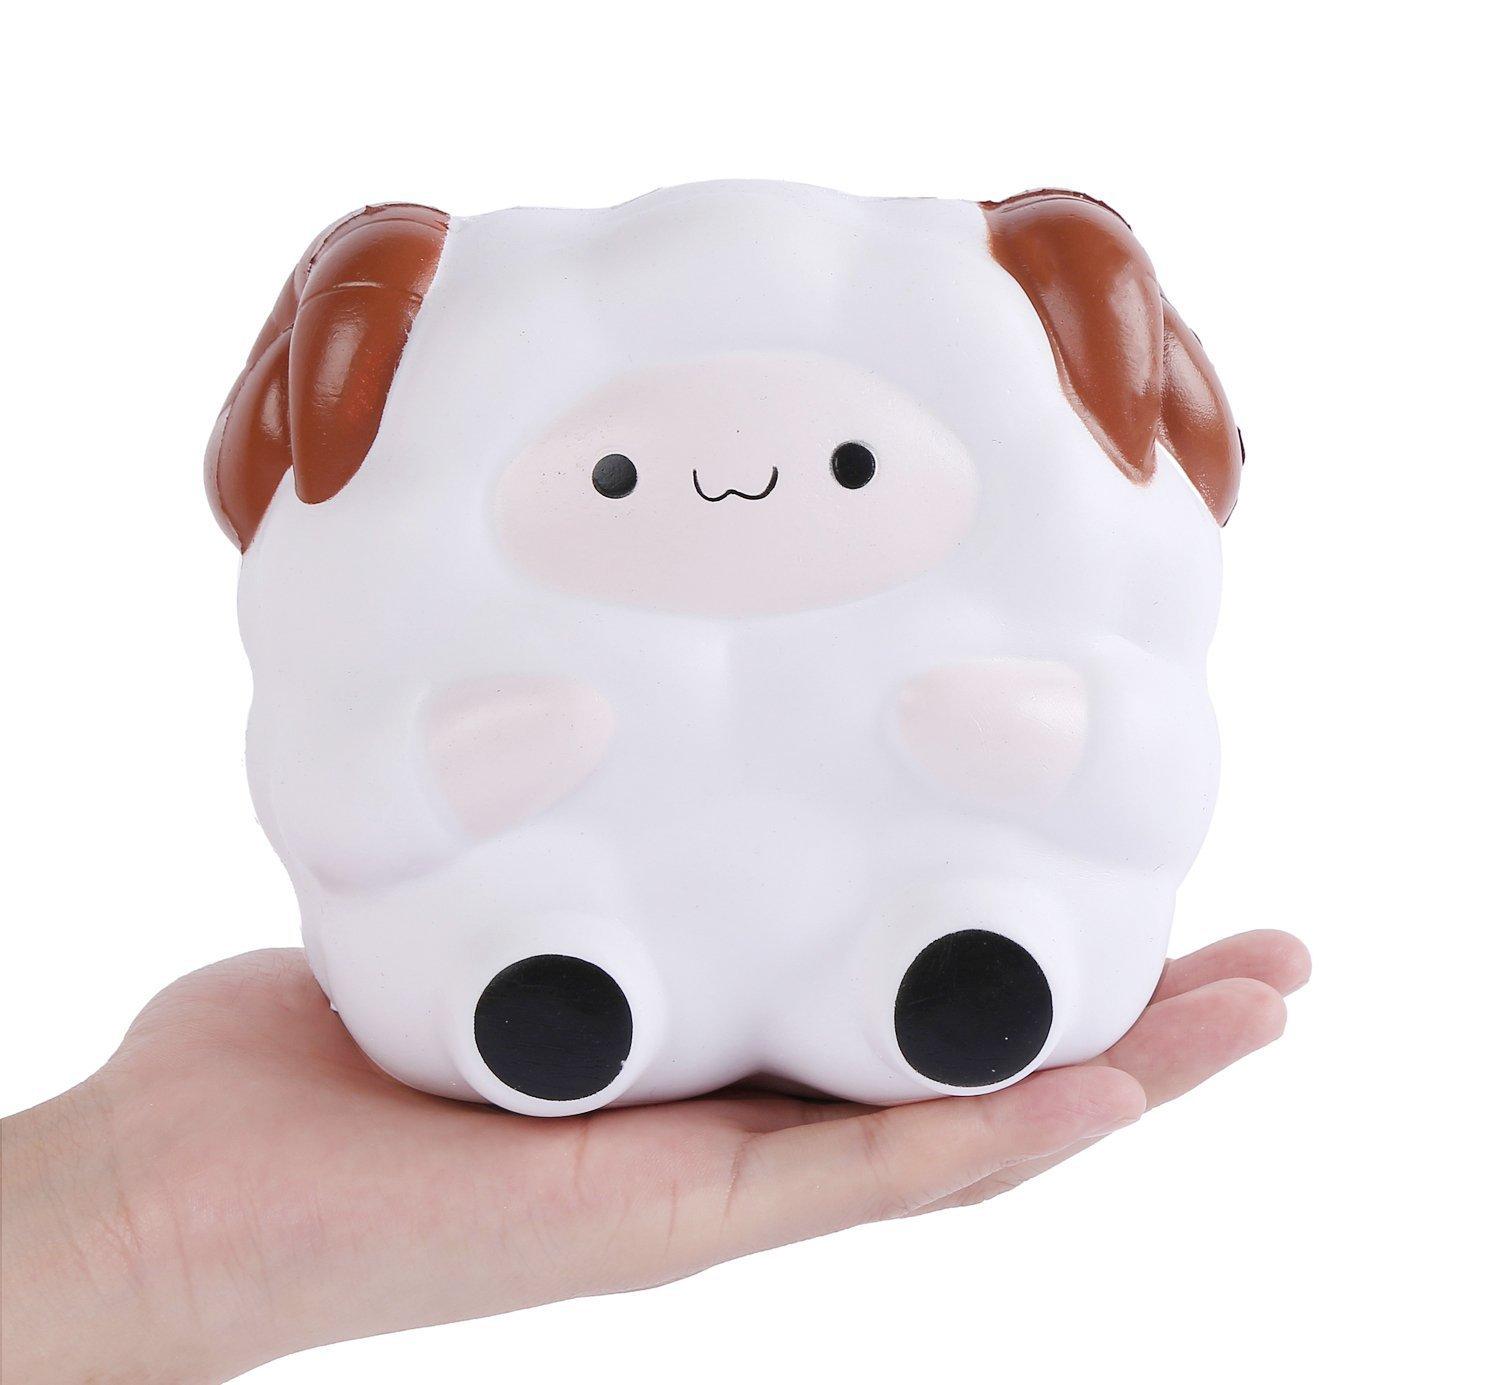 1 pz Squishy Jumbo Sheep 12cm Colossal Squishies Super Slow Rising Cute Kawaii Collezione Regalo Decor per Bambini Giocattolo